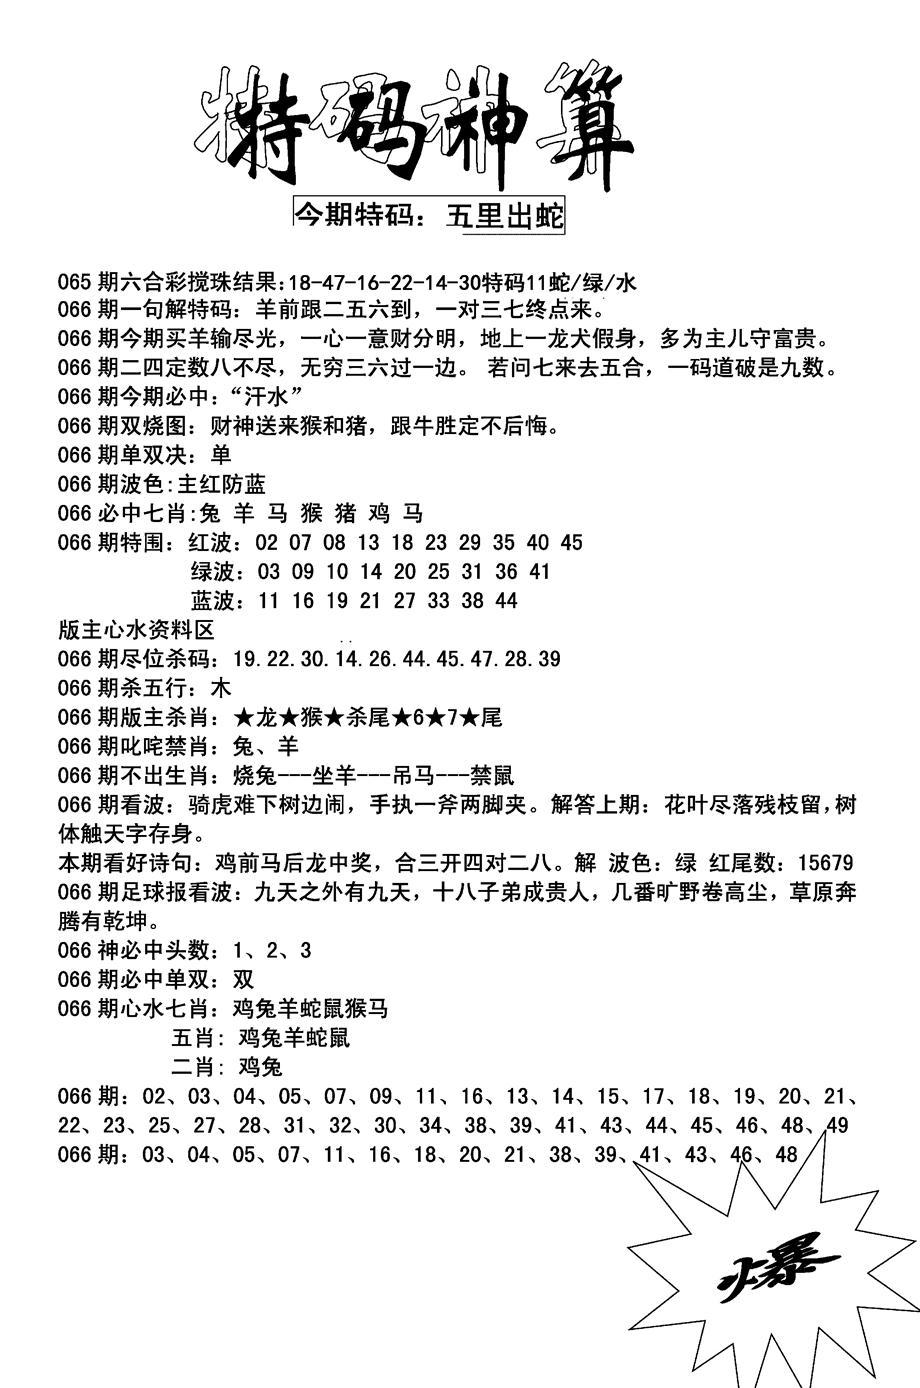 066期特码神算(黑白)